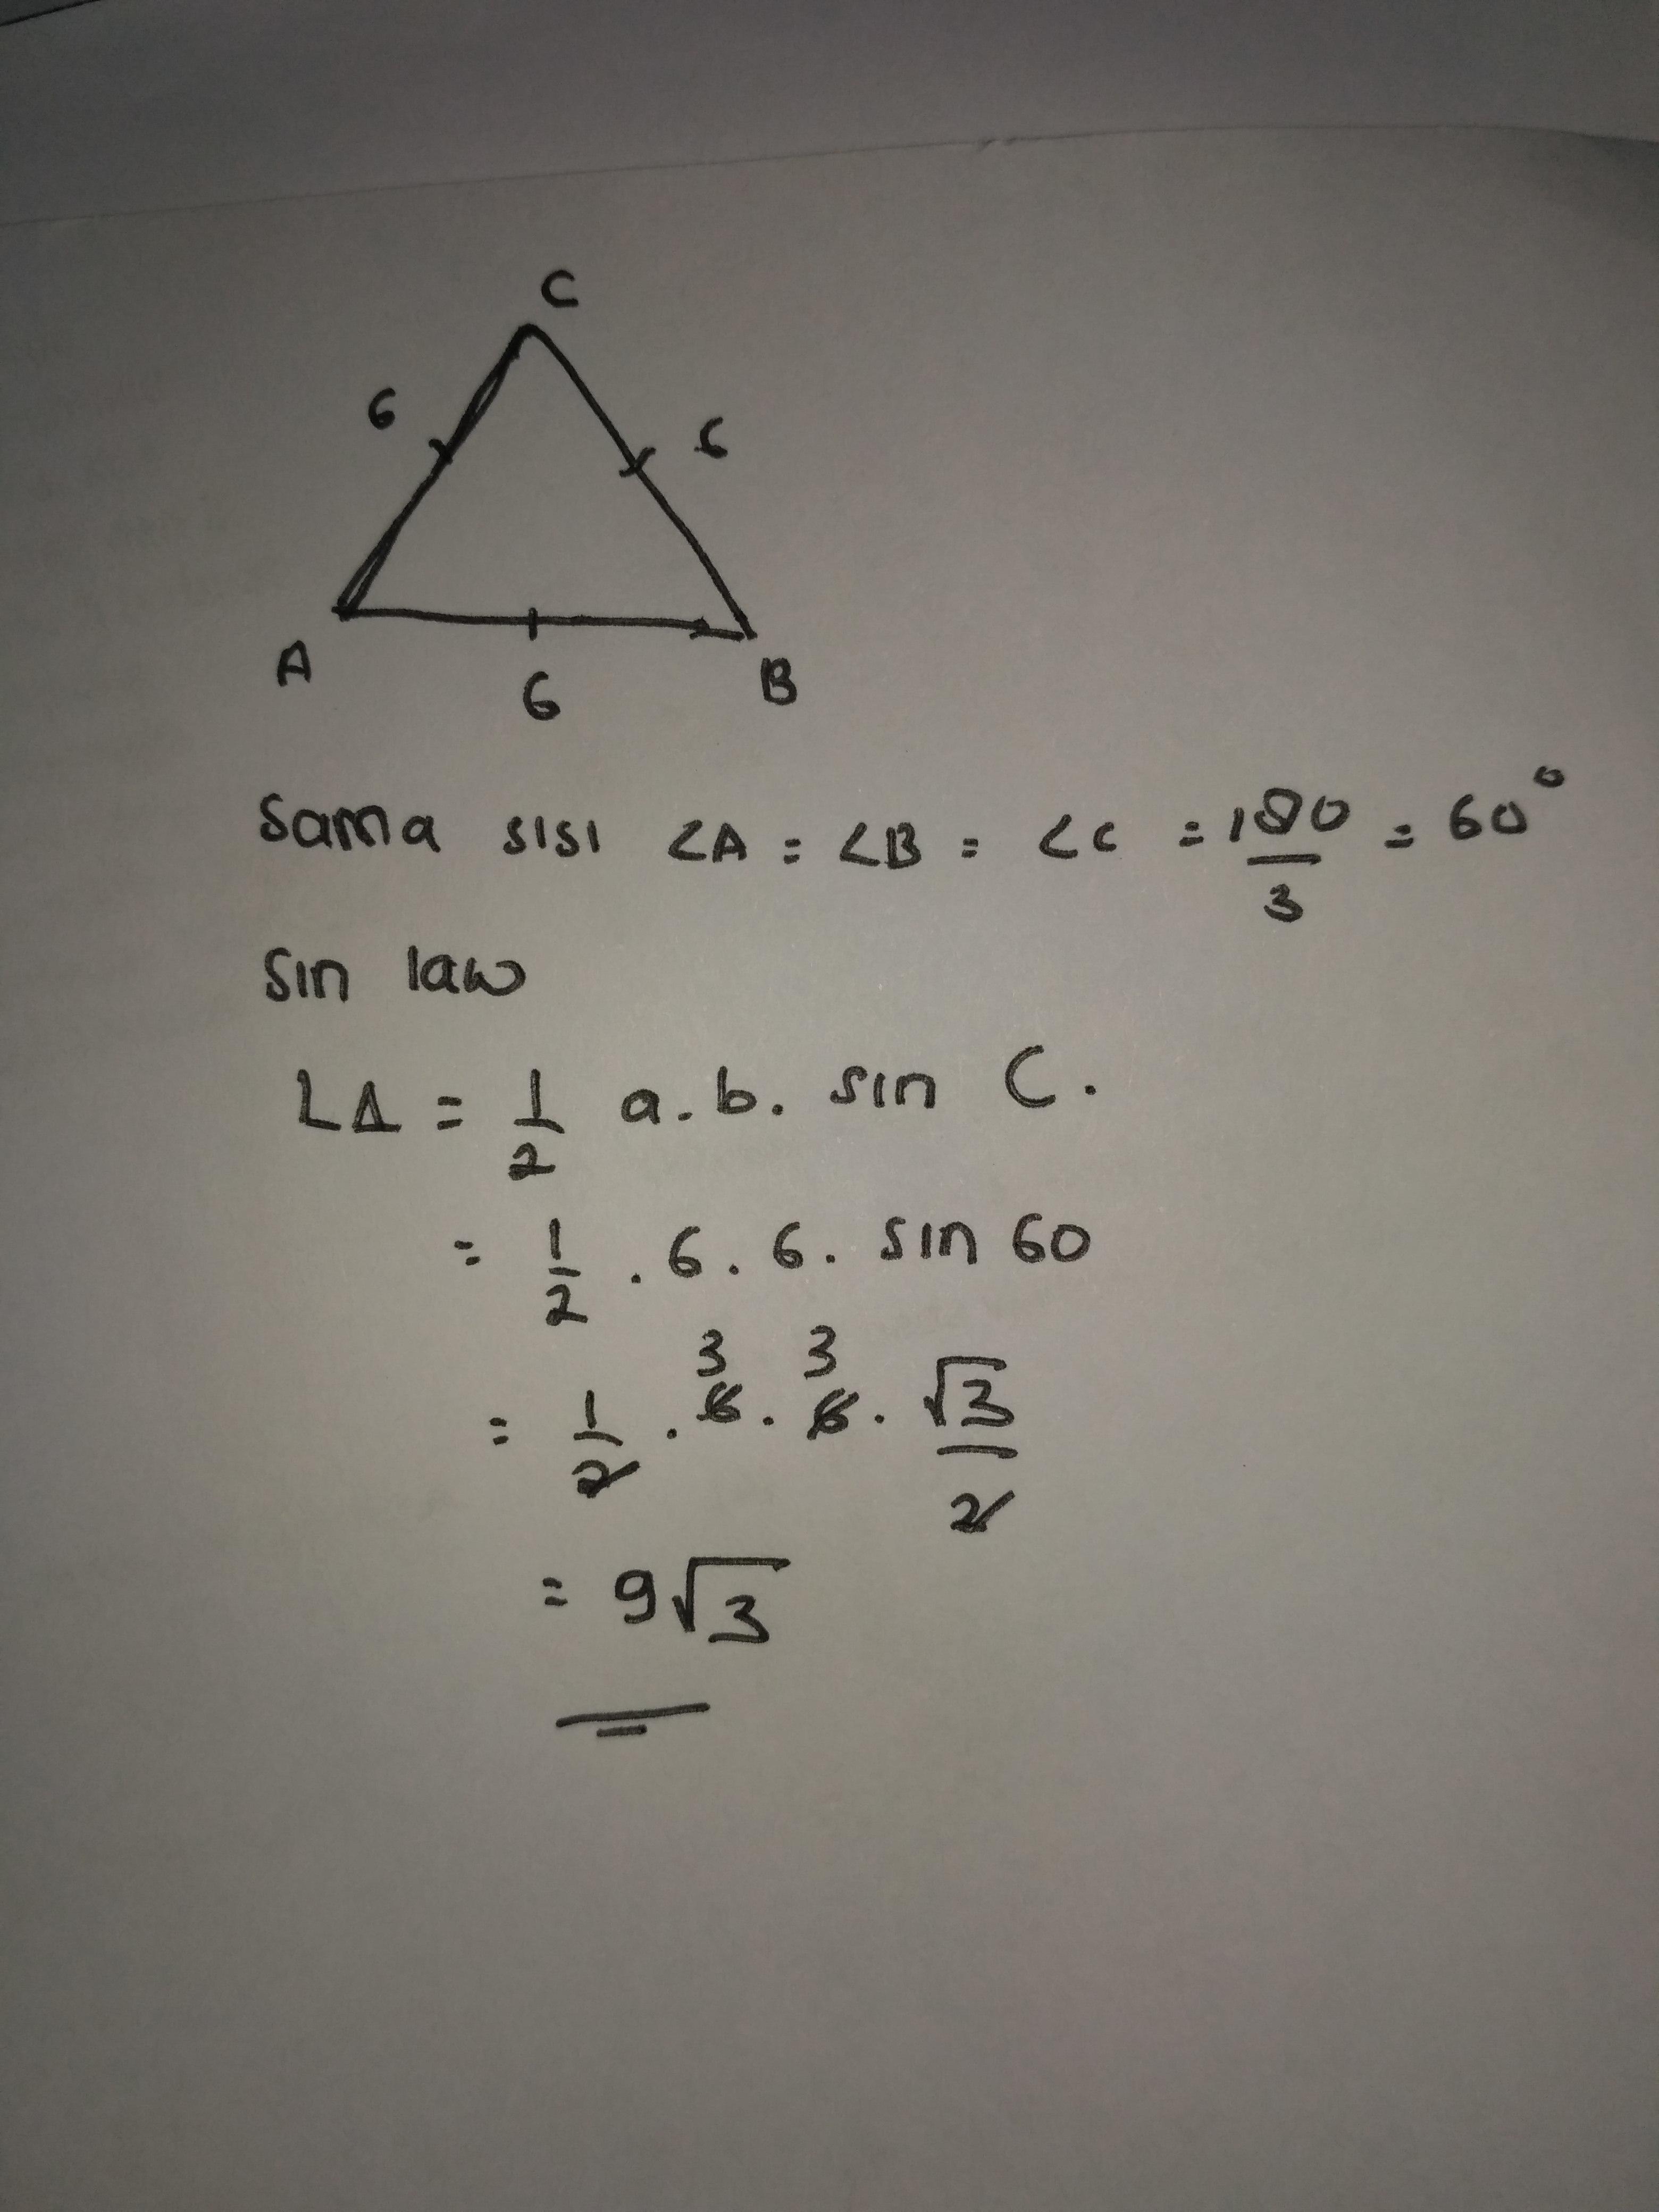 luas segitiga sama sisi yang memiliki panjang sisi 6 cm ...